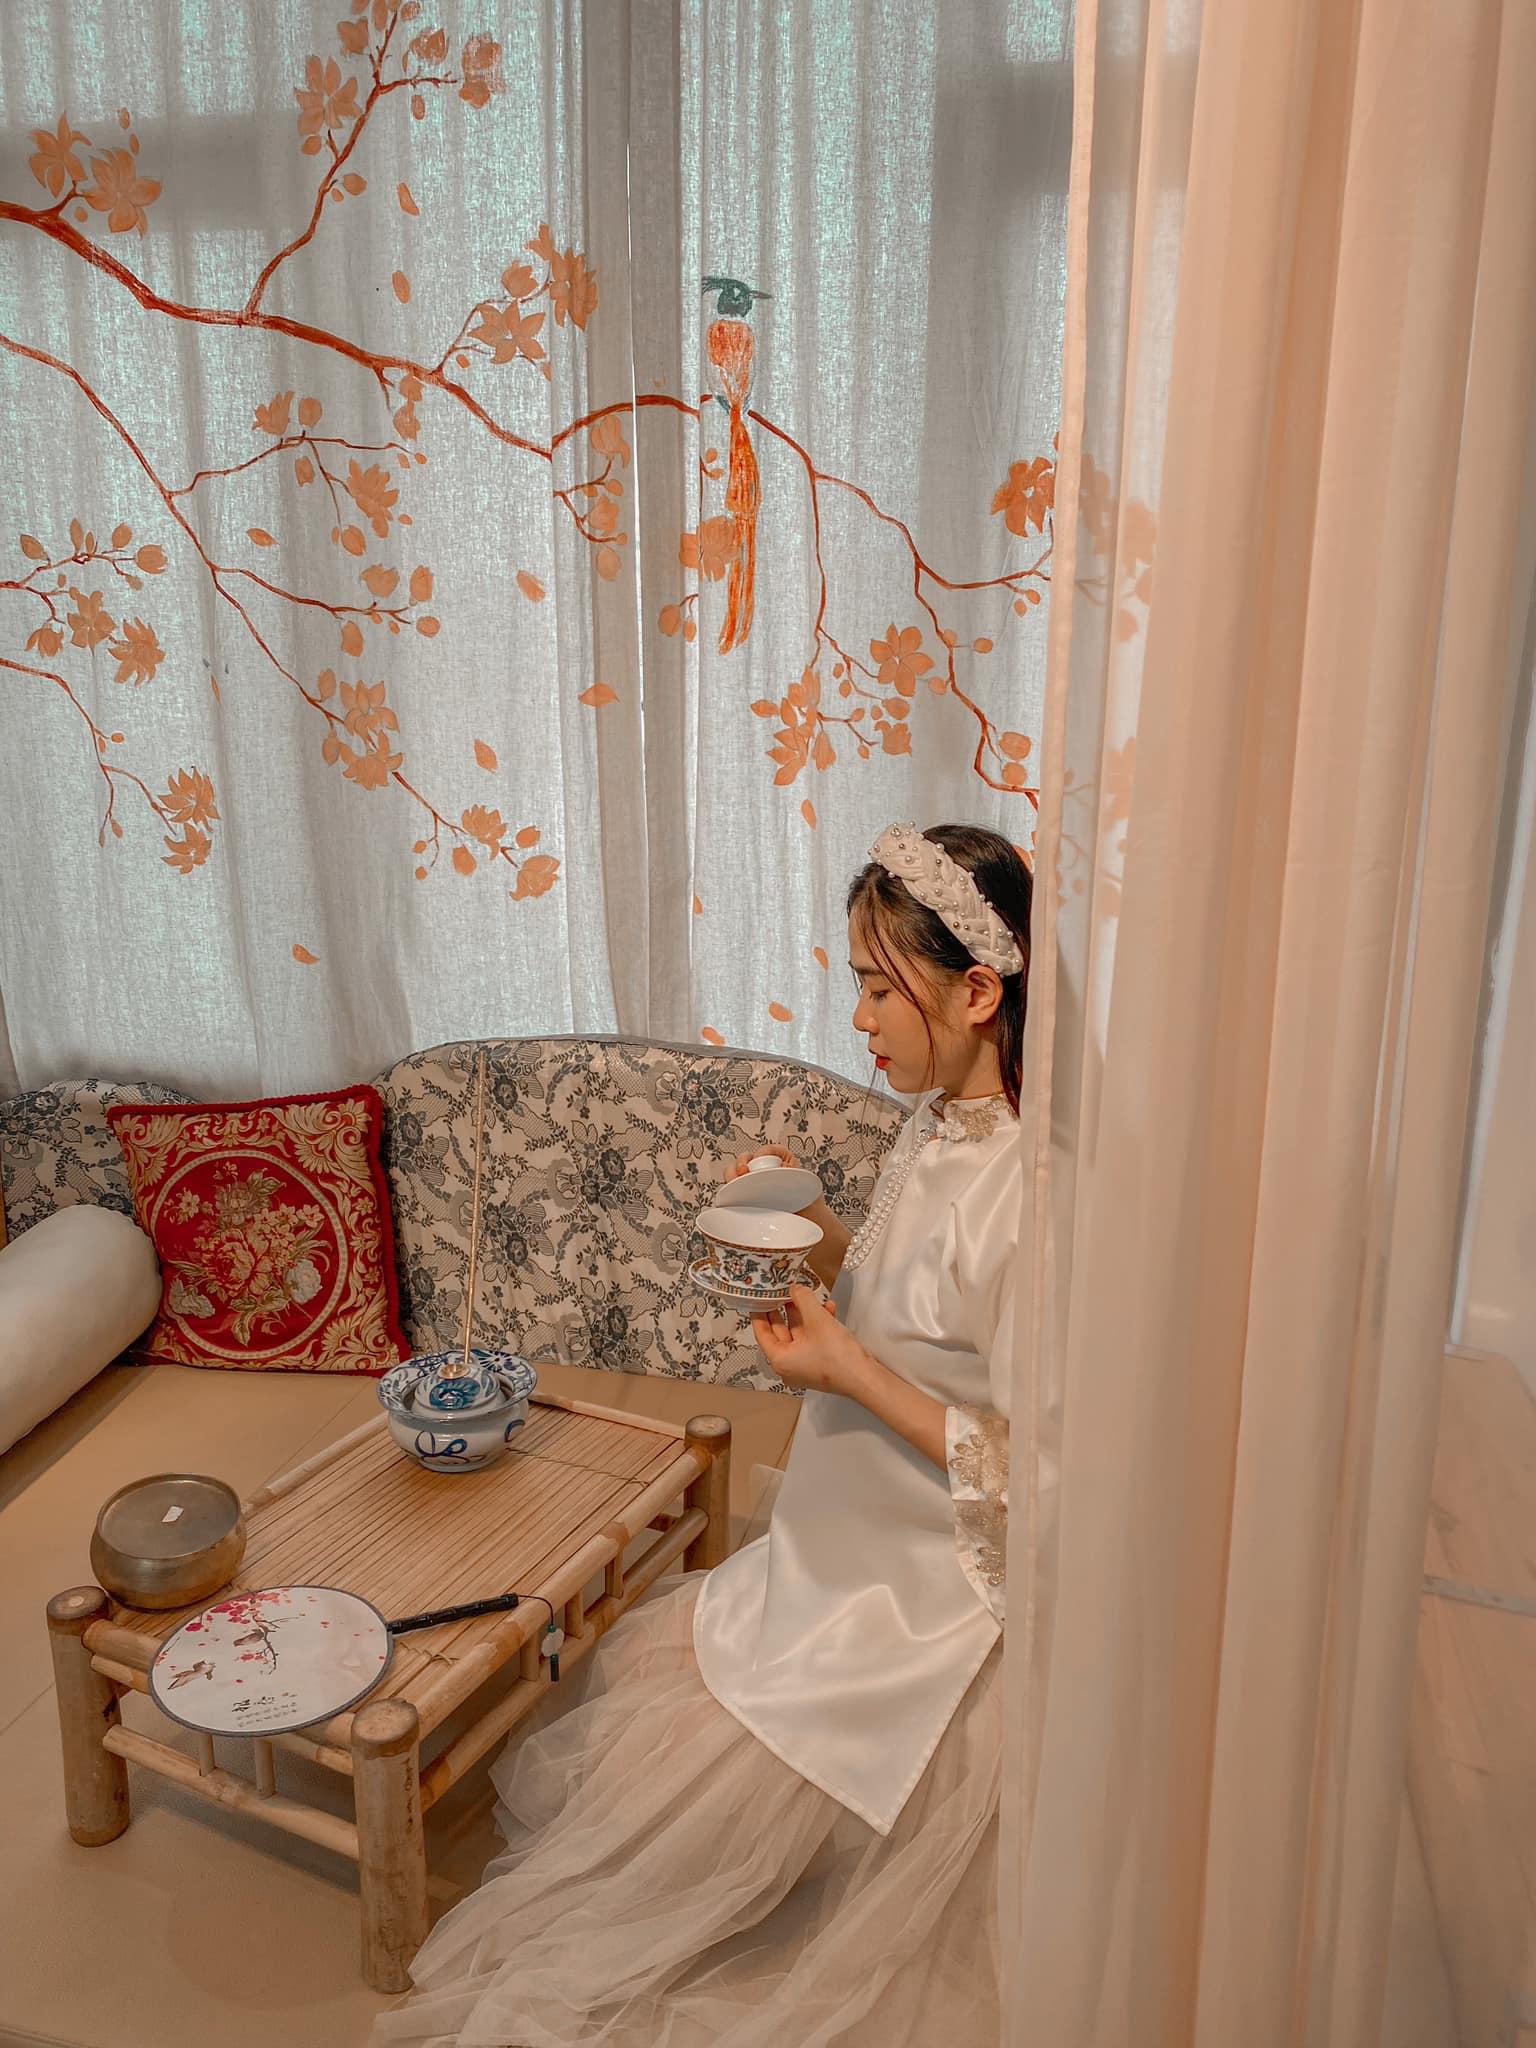 Dịp Tết Dương lịch, ghé thăm những quán cà phê mang phong cách cổ xưa tại Hà Nội  - Ảnh 13.